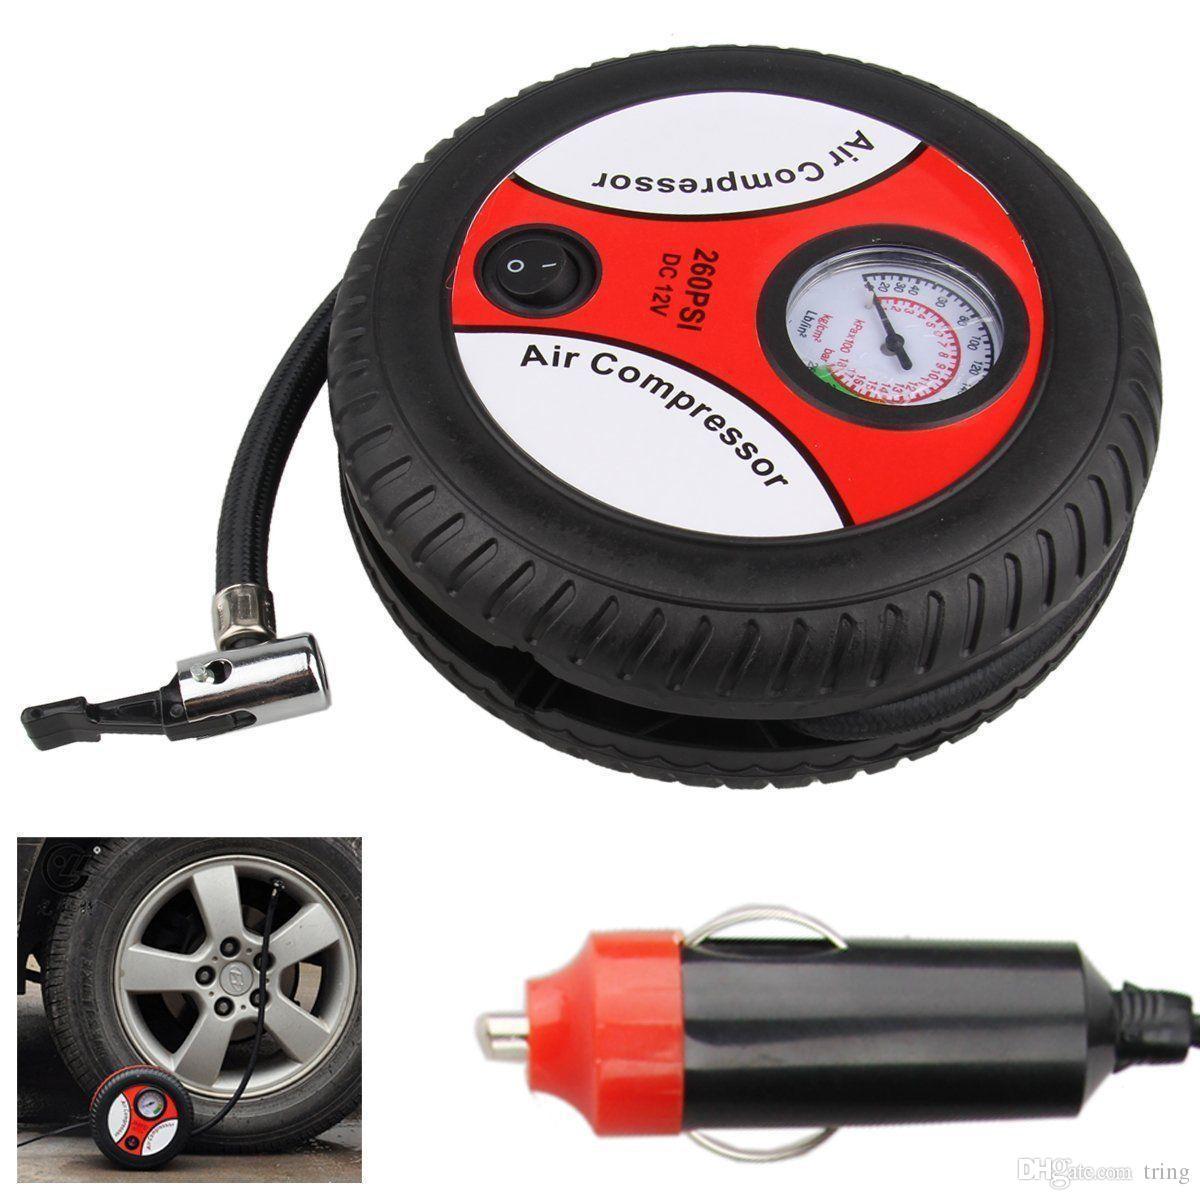 Mini Portátil Elétrica Compressor de Ar Da Bomba Do Pneu Do Carro Inflador Bomba Ferramenta 12 V 260PSI FP9 Shpping Livre